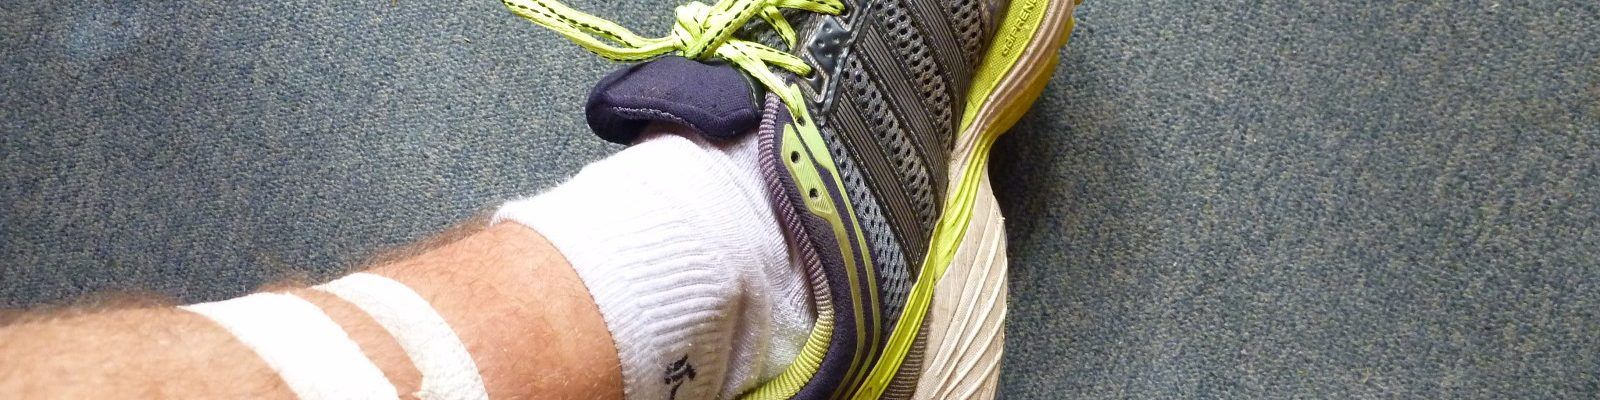 douleurs au mollet en running